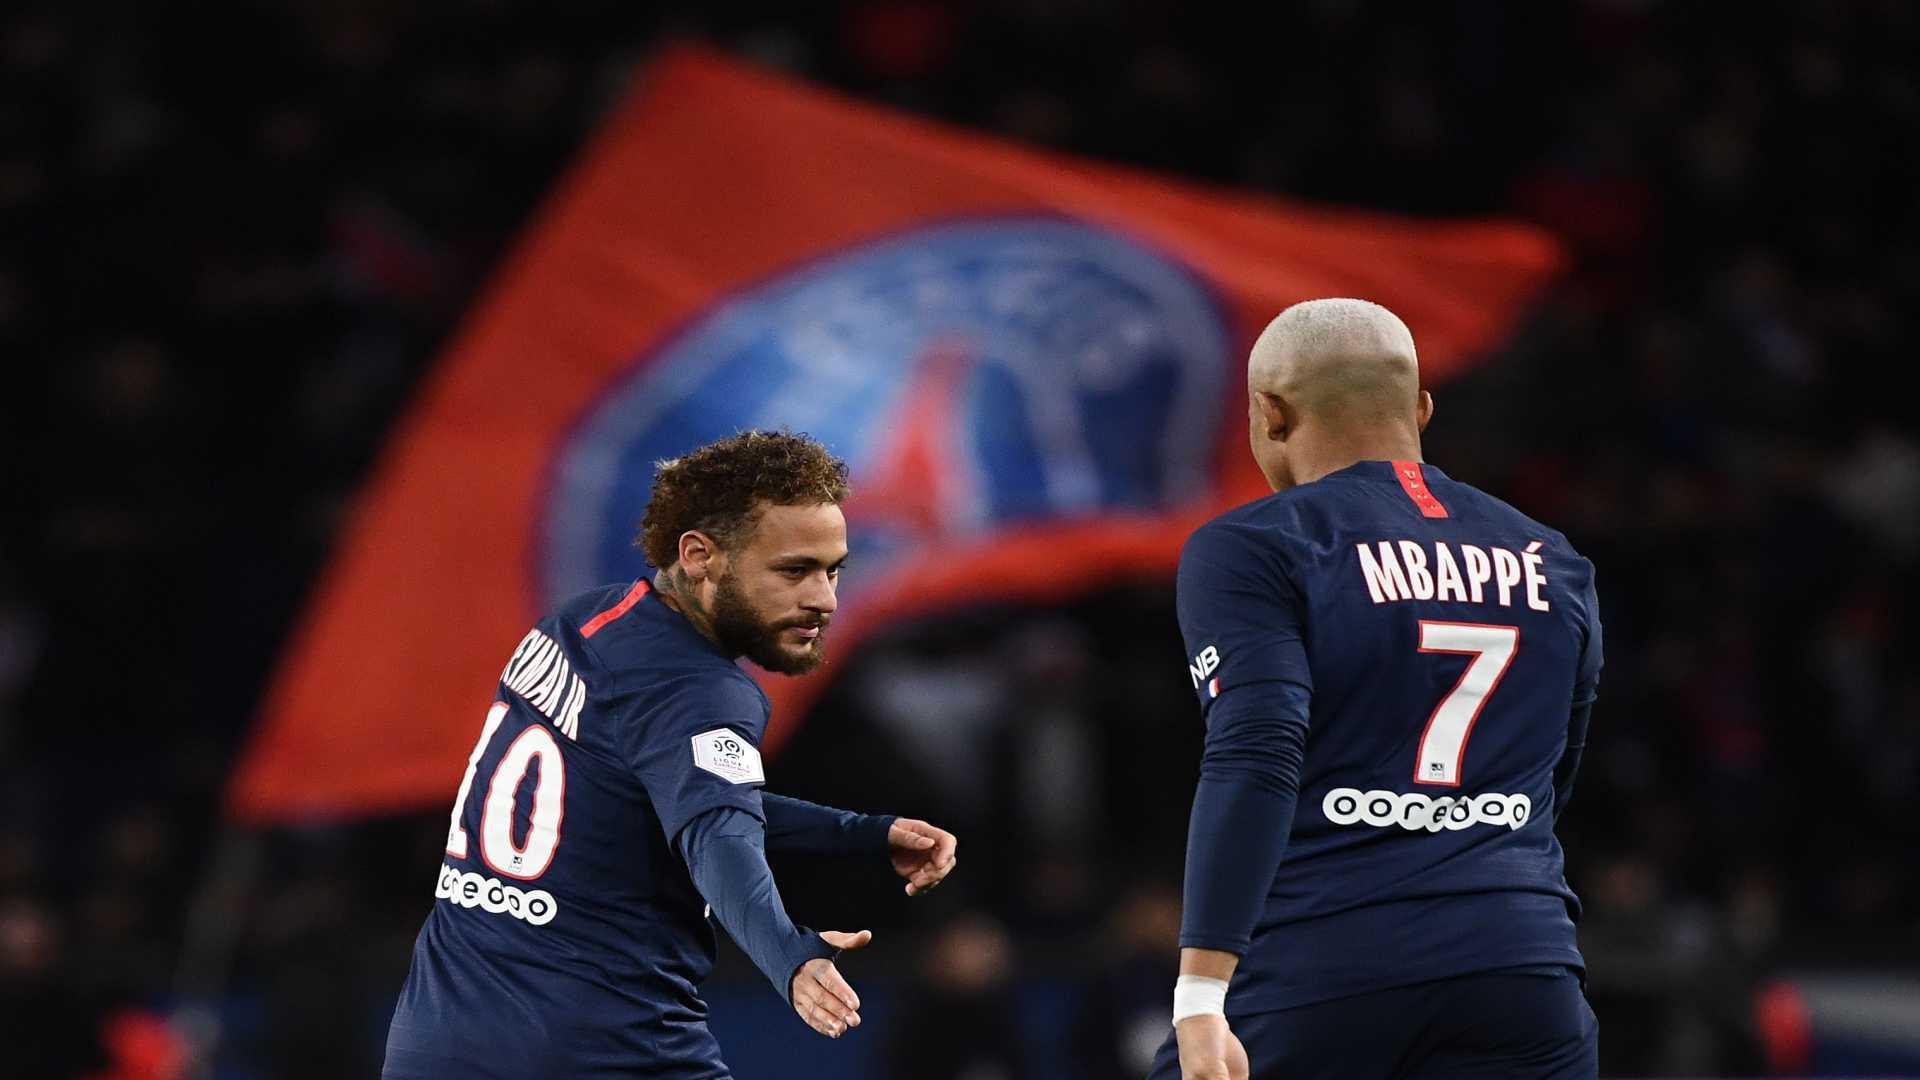 PSG-Amiens (4-1), Mbappé et Neymar ont encore frappé